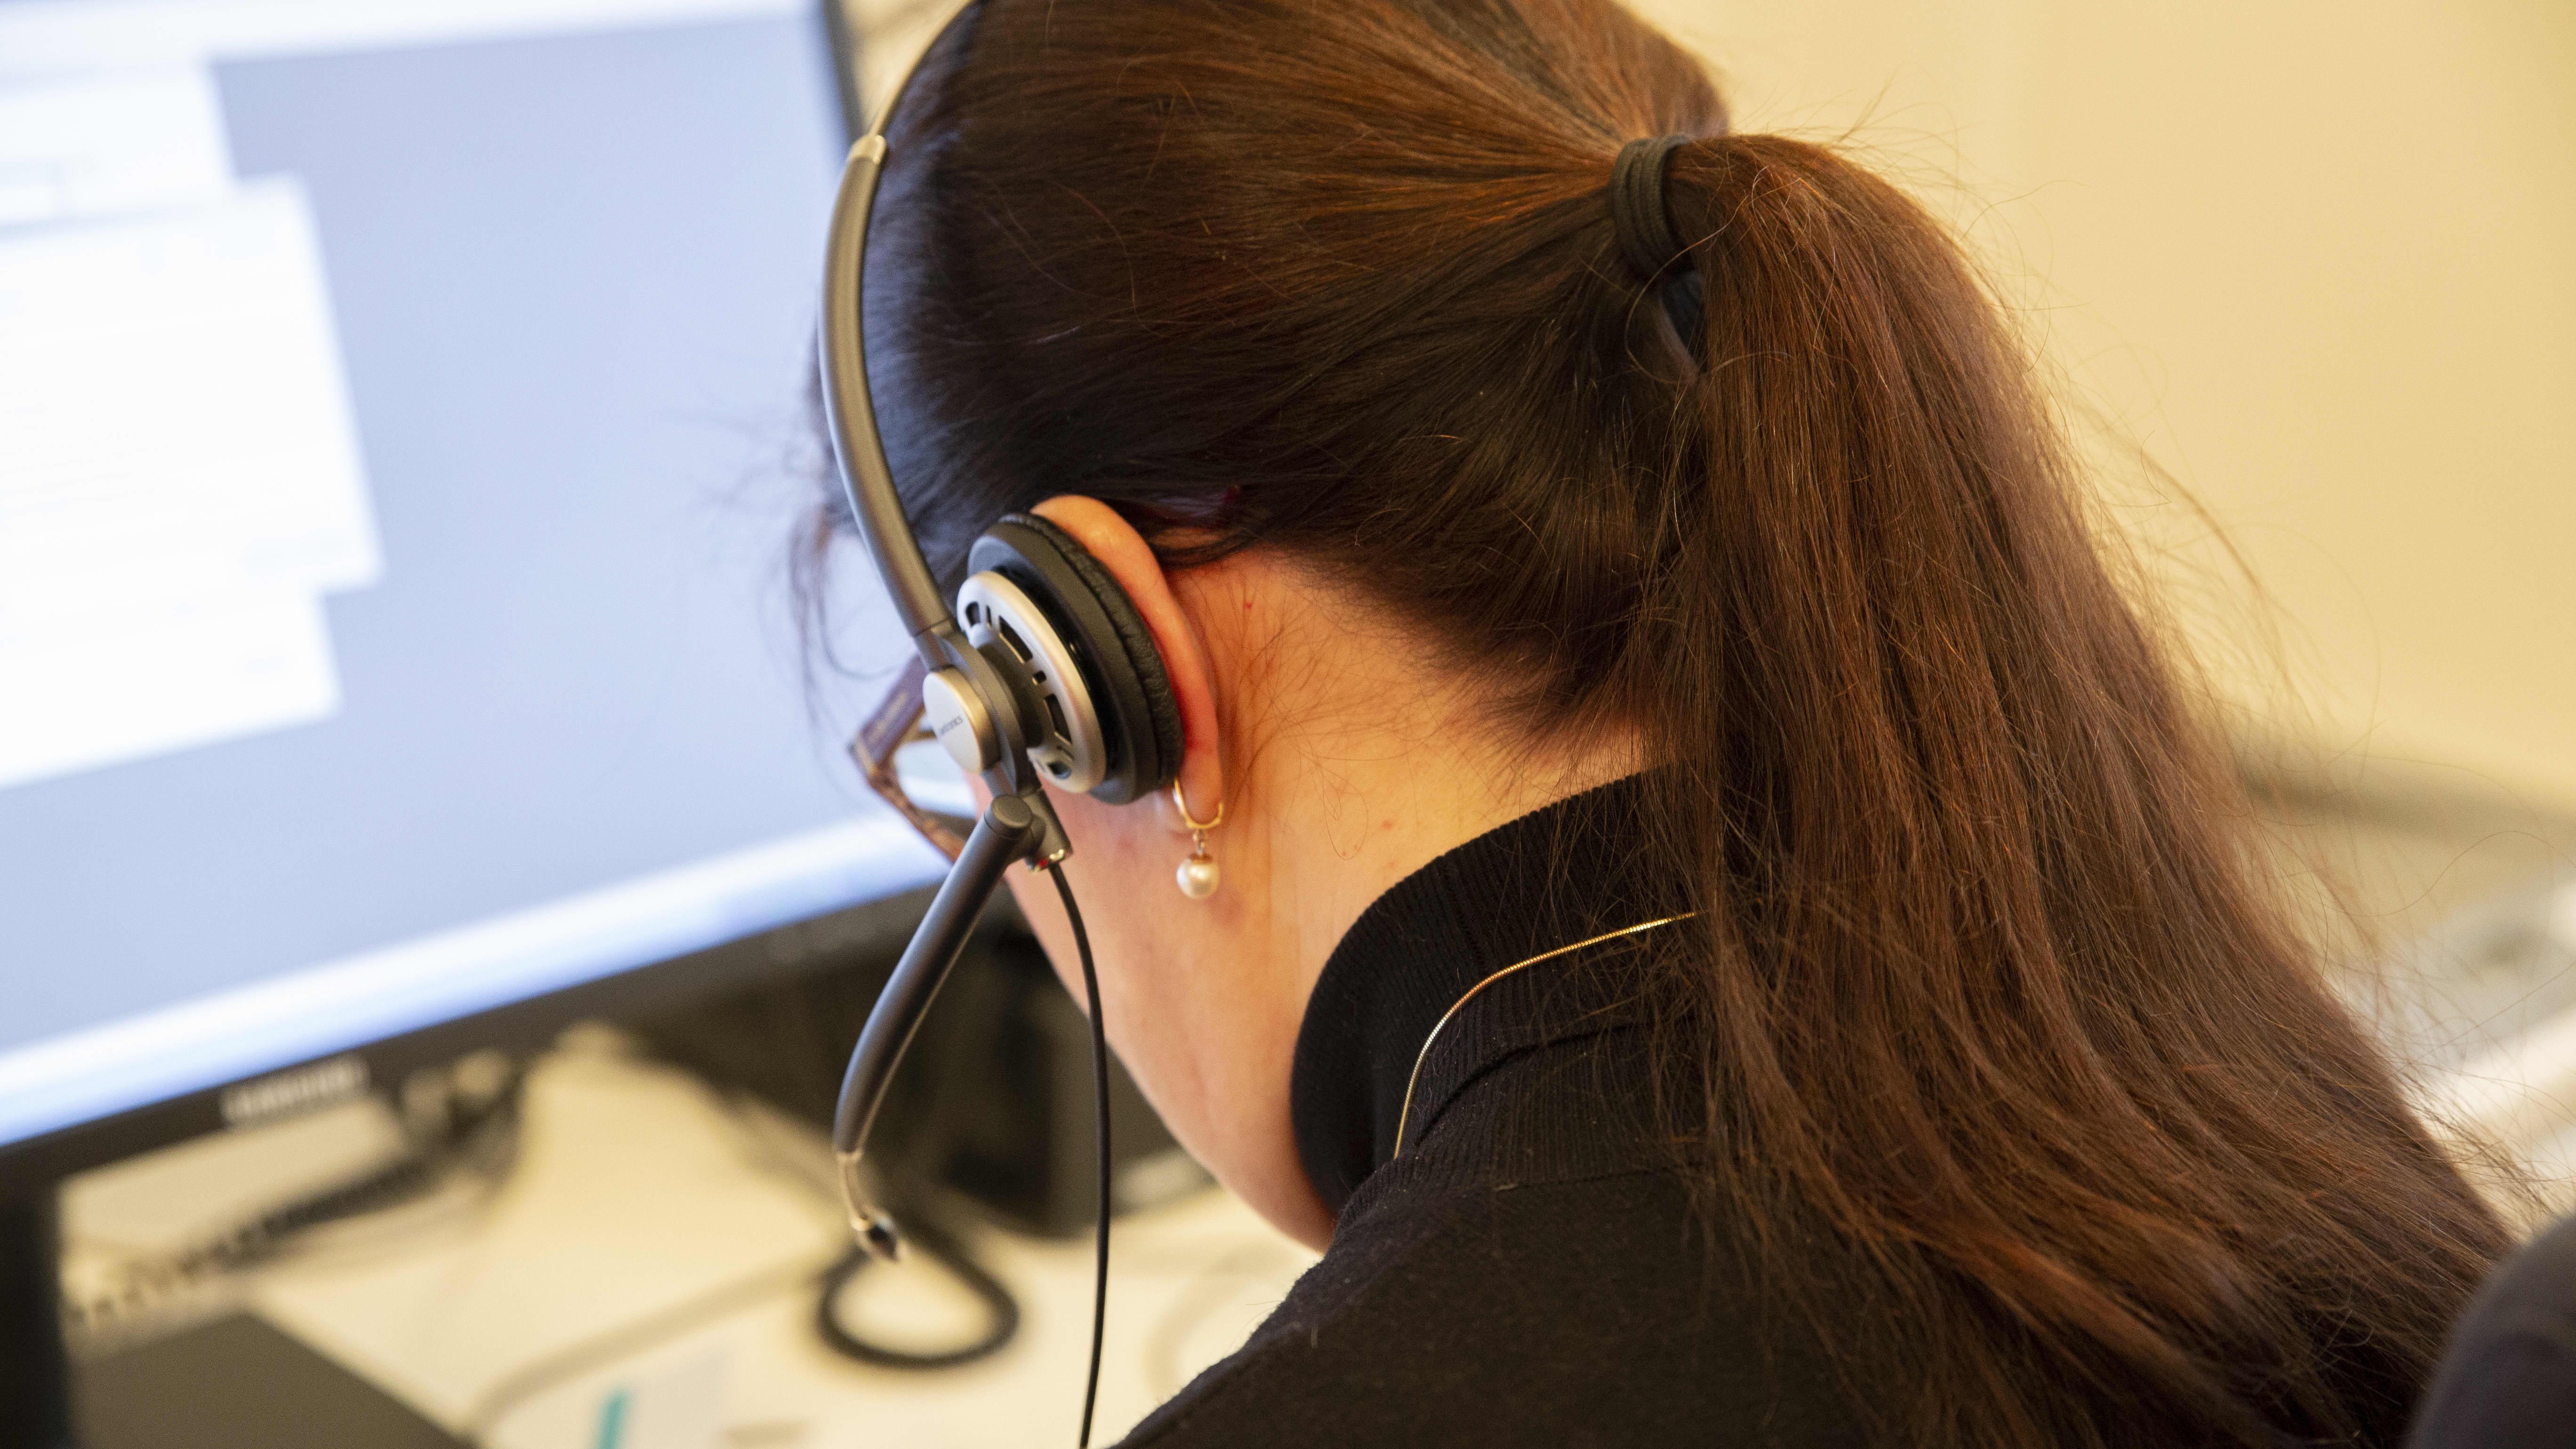 Nainen kuulokkeet korvillaan tietokoneen ääressä.